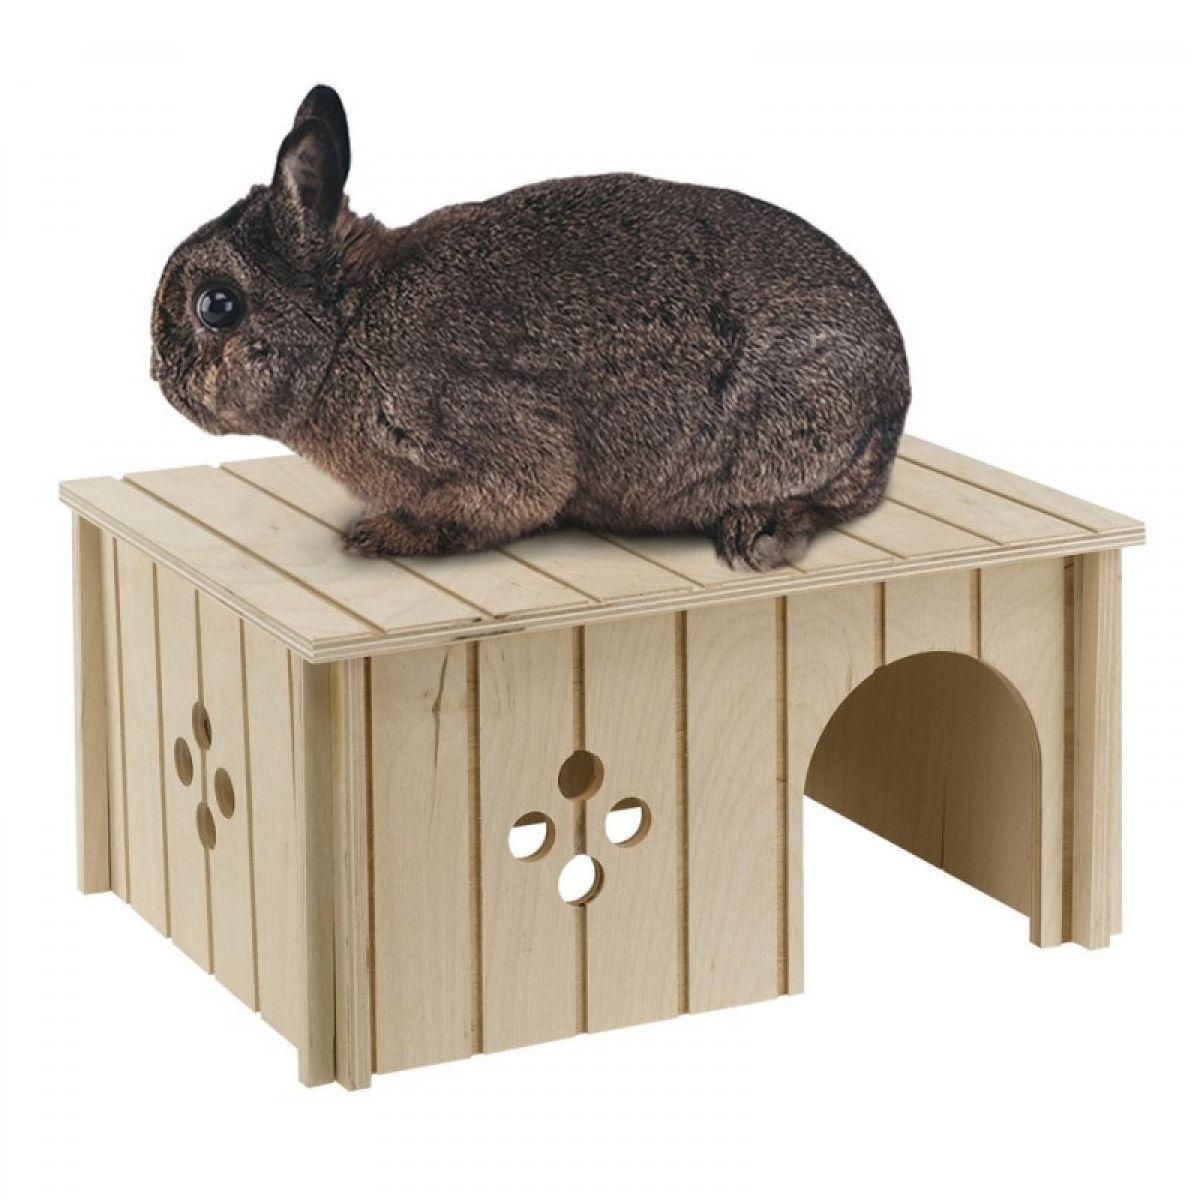 Домик для грызунов FERPLAST SIN 4646 деревянный 33x23,6x16см домик для грызунов ferplast sin 4646 деревянный 33x23 6x16см